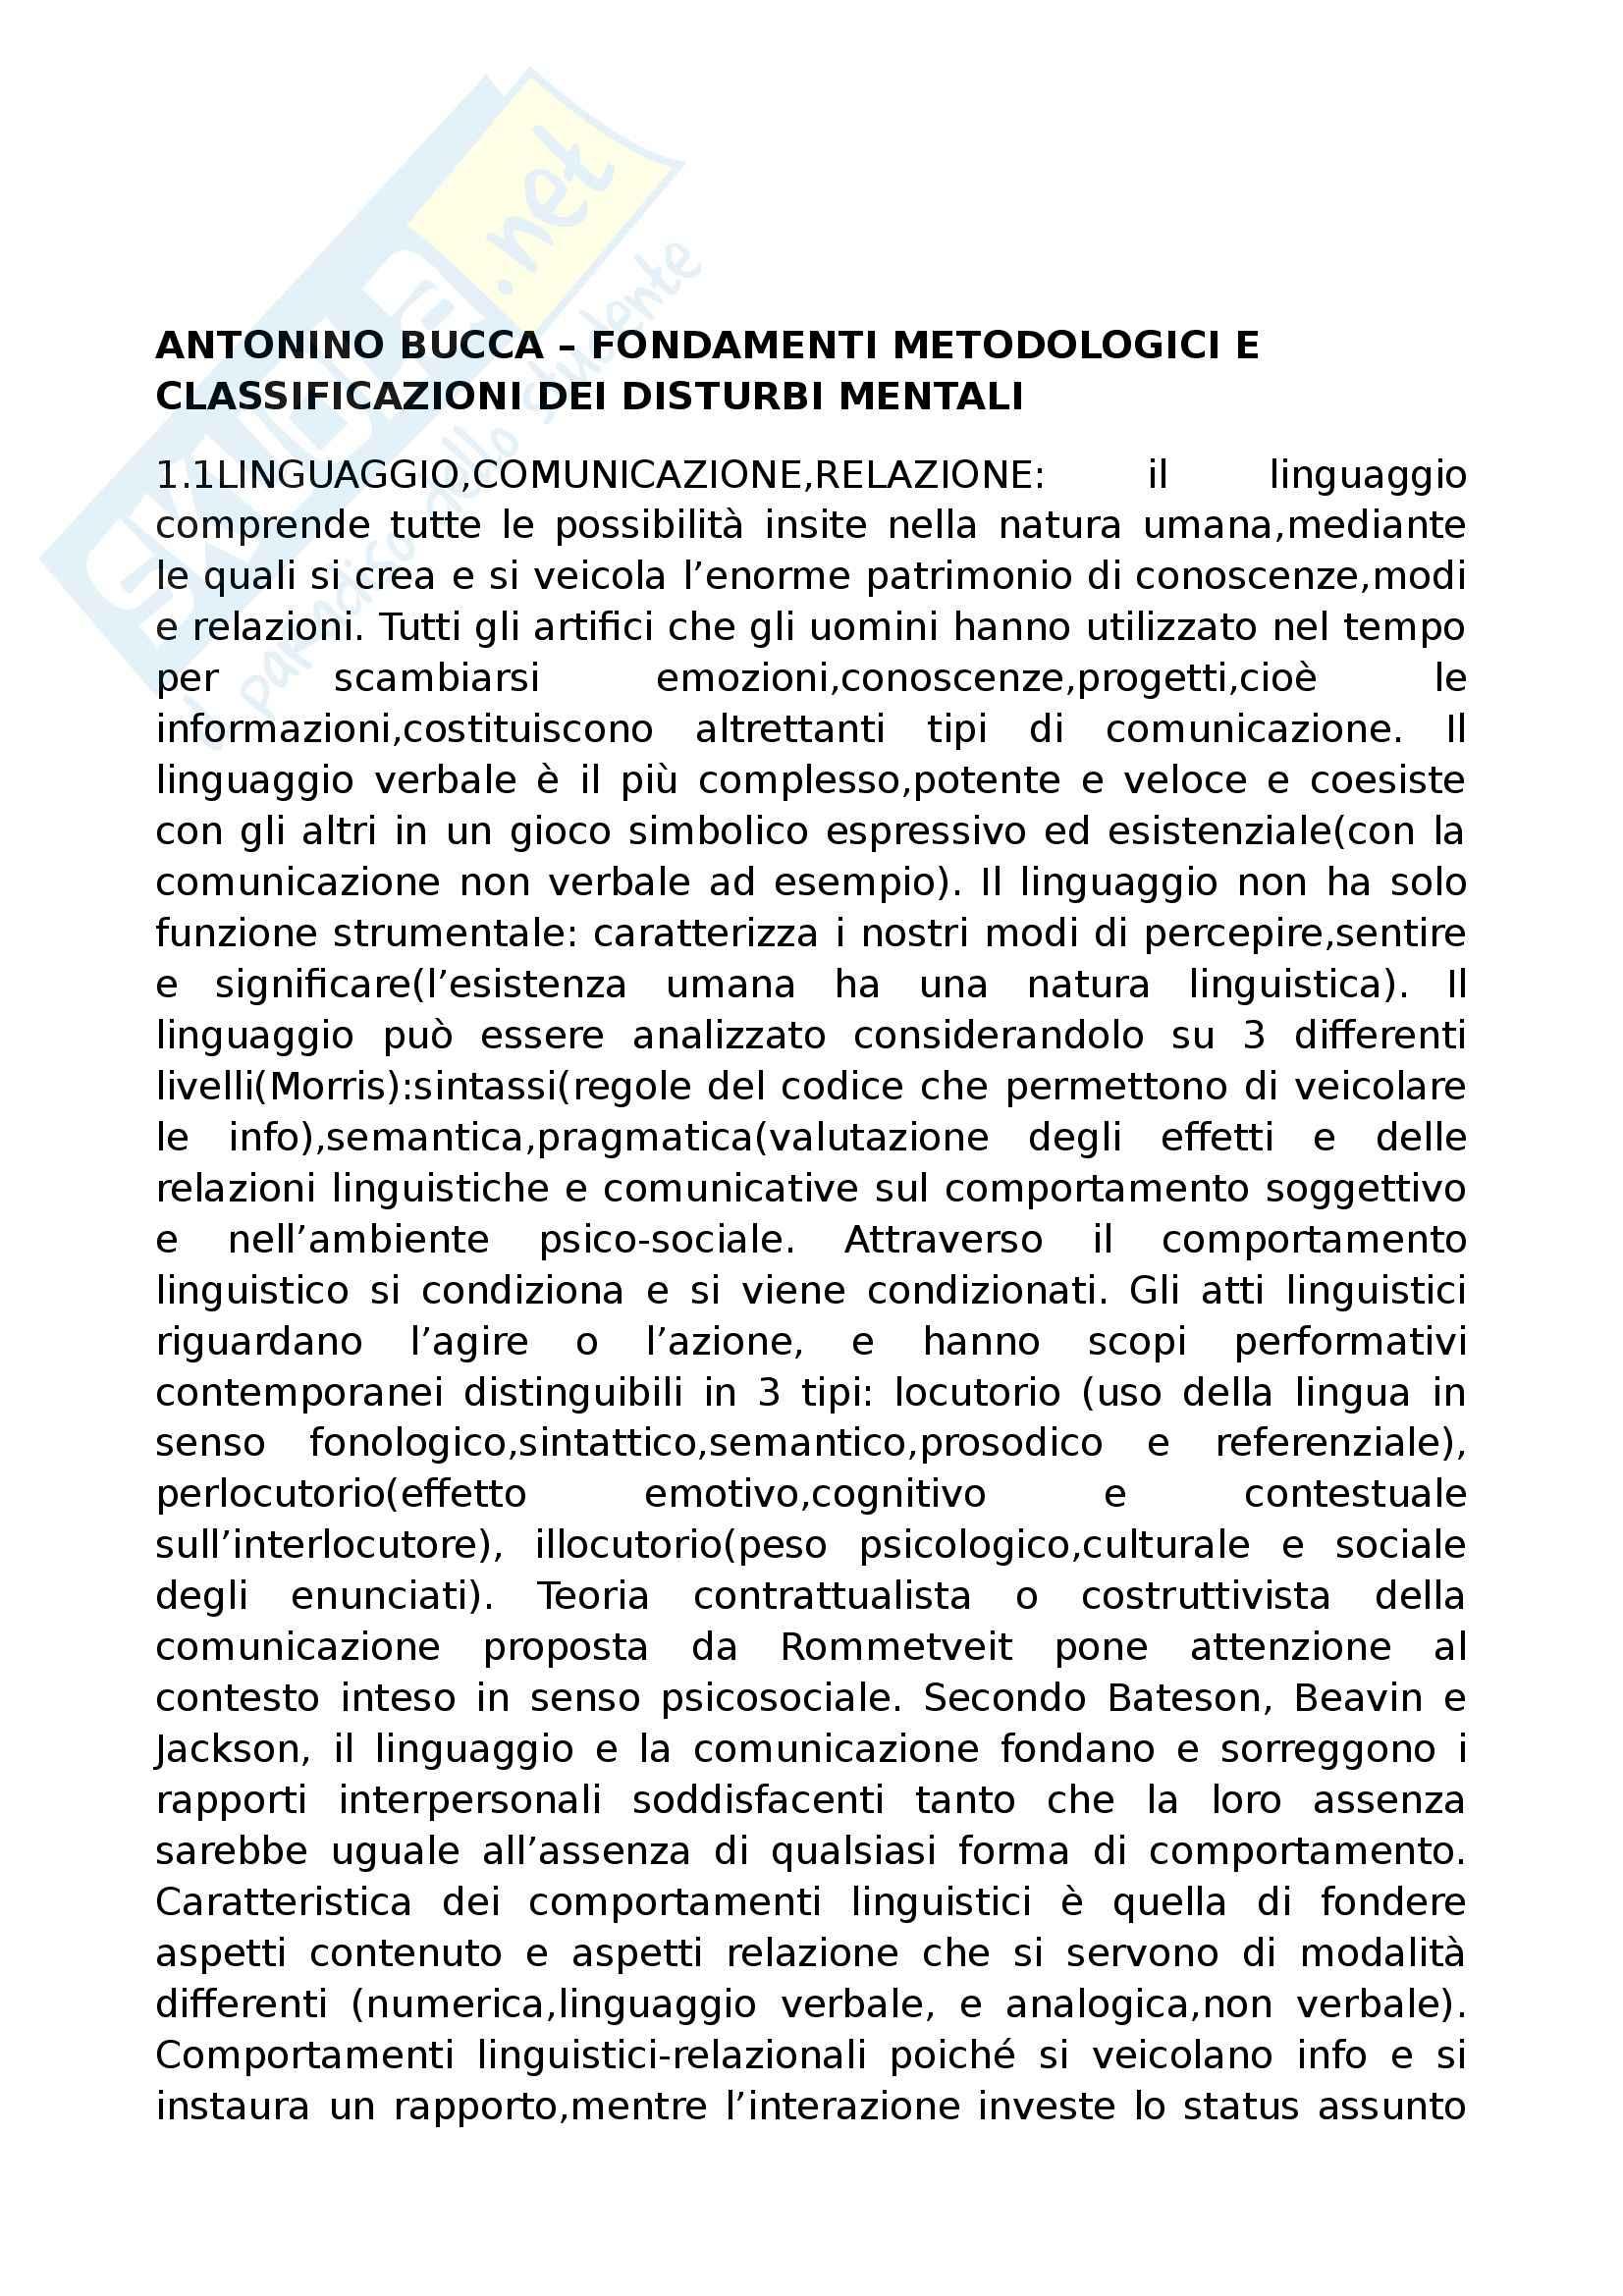 Riassunto esame Psicopatologia del Linguaggio, prof. Cardella, libro consigliato Trattato di Psicopatologia del Linguaggio, Pennisi, Bucca, Falzone